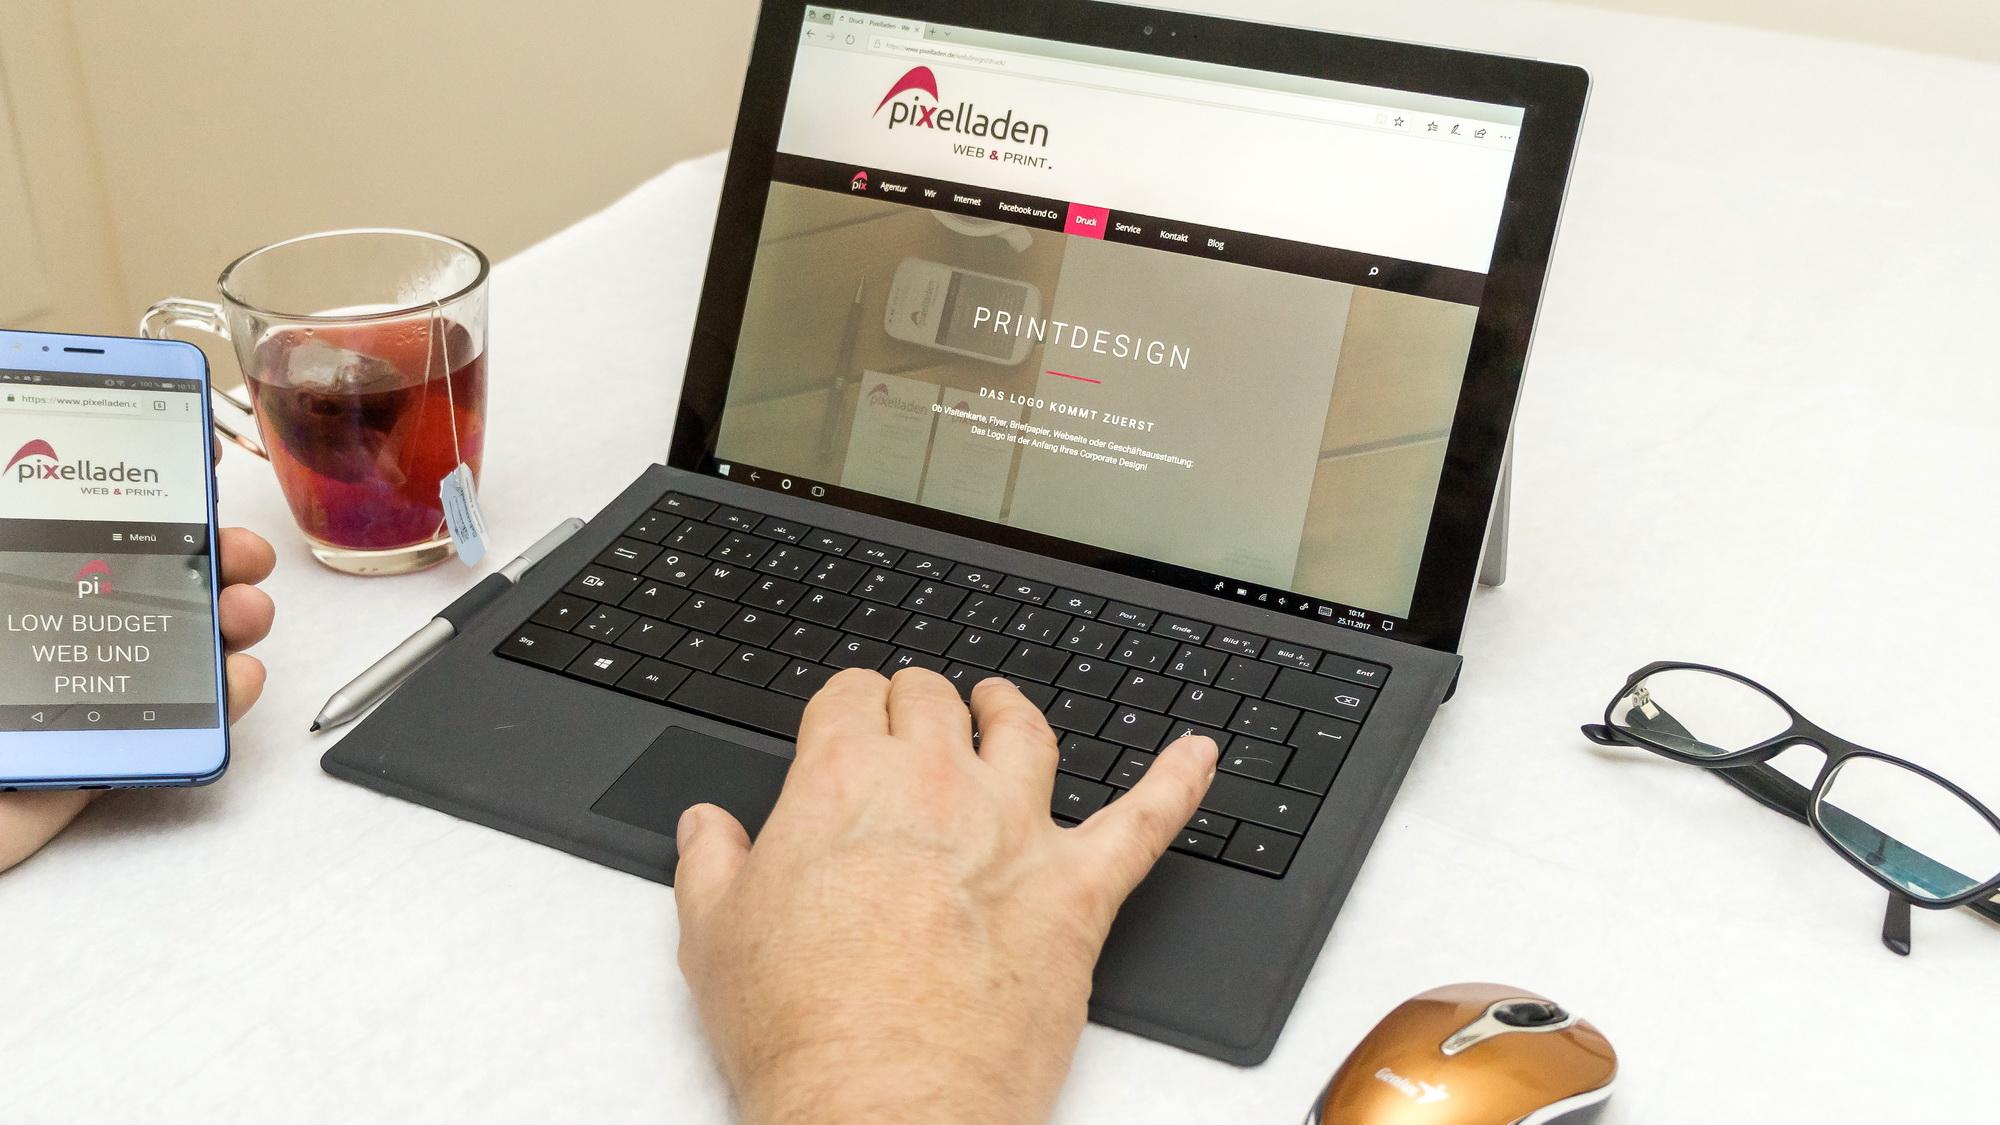 Wir - Pixelladen.de - Webdesign und Printware im Low Budget Bereich